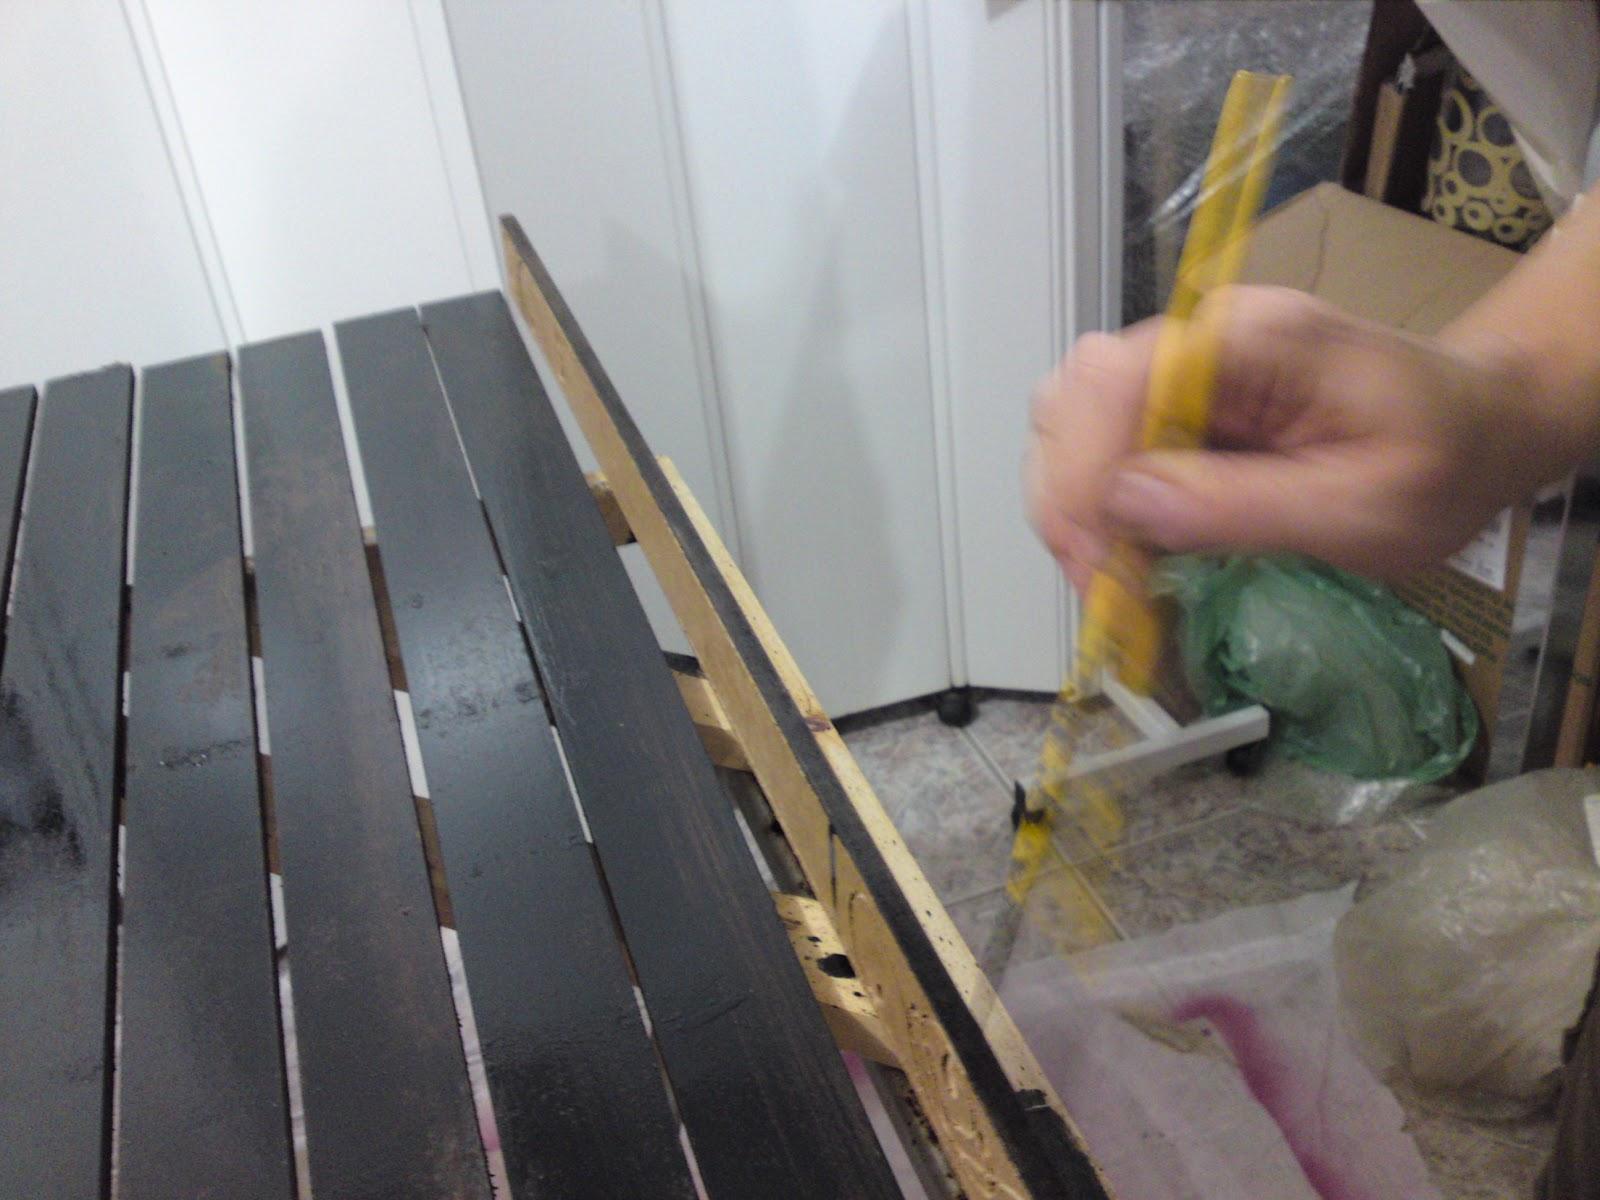 Hh moda arte decor passo a passo pintura ouro velho - Pintura para craquelar ...